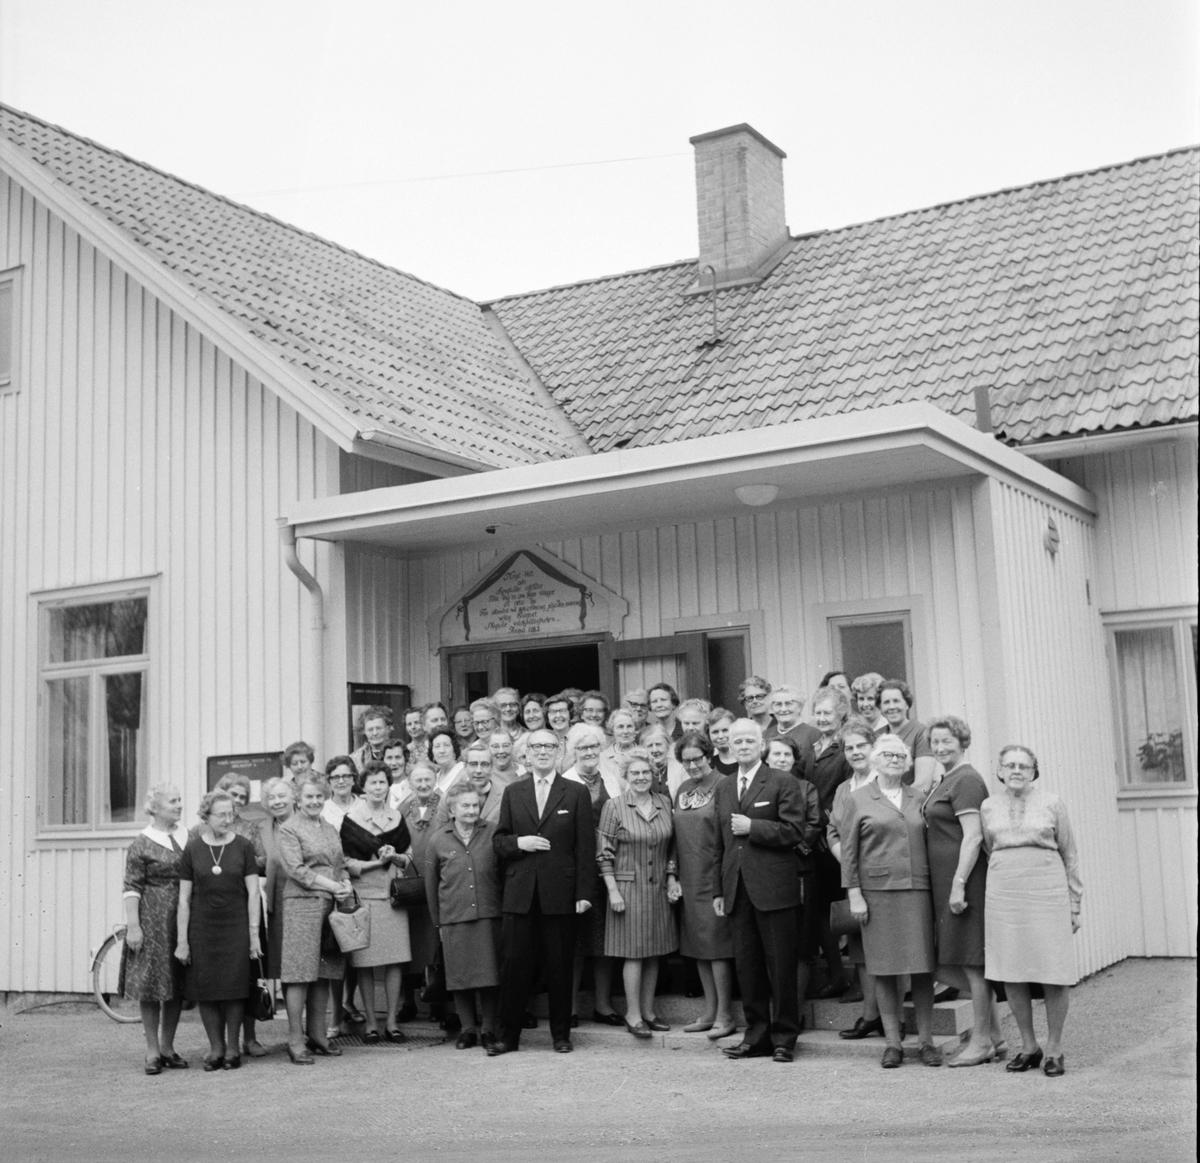 Arbrå, Sykretsdag i sockenstugan, 8 Maj 1969